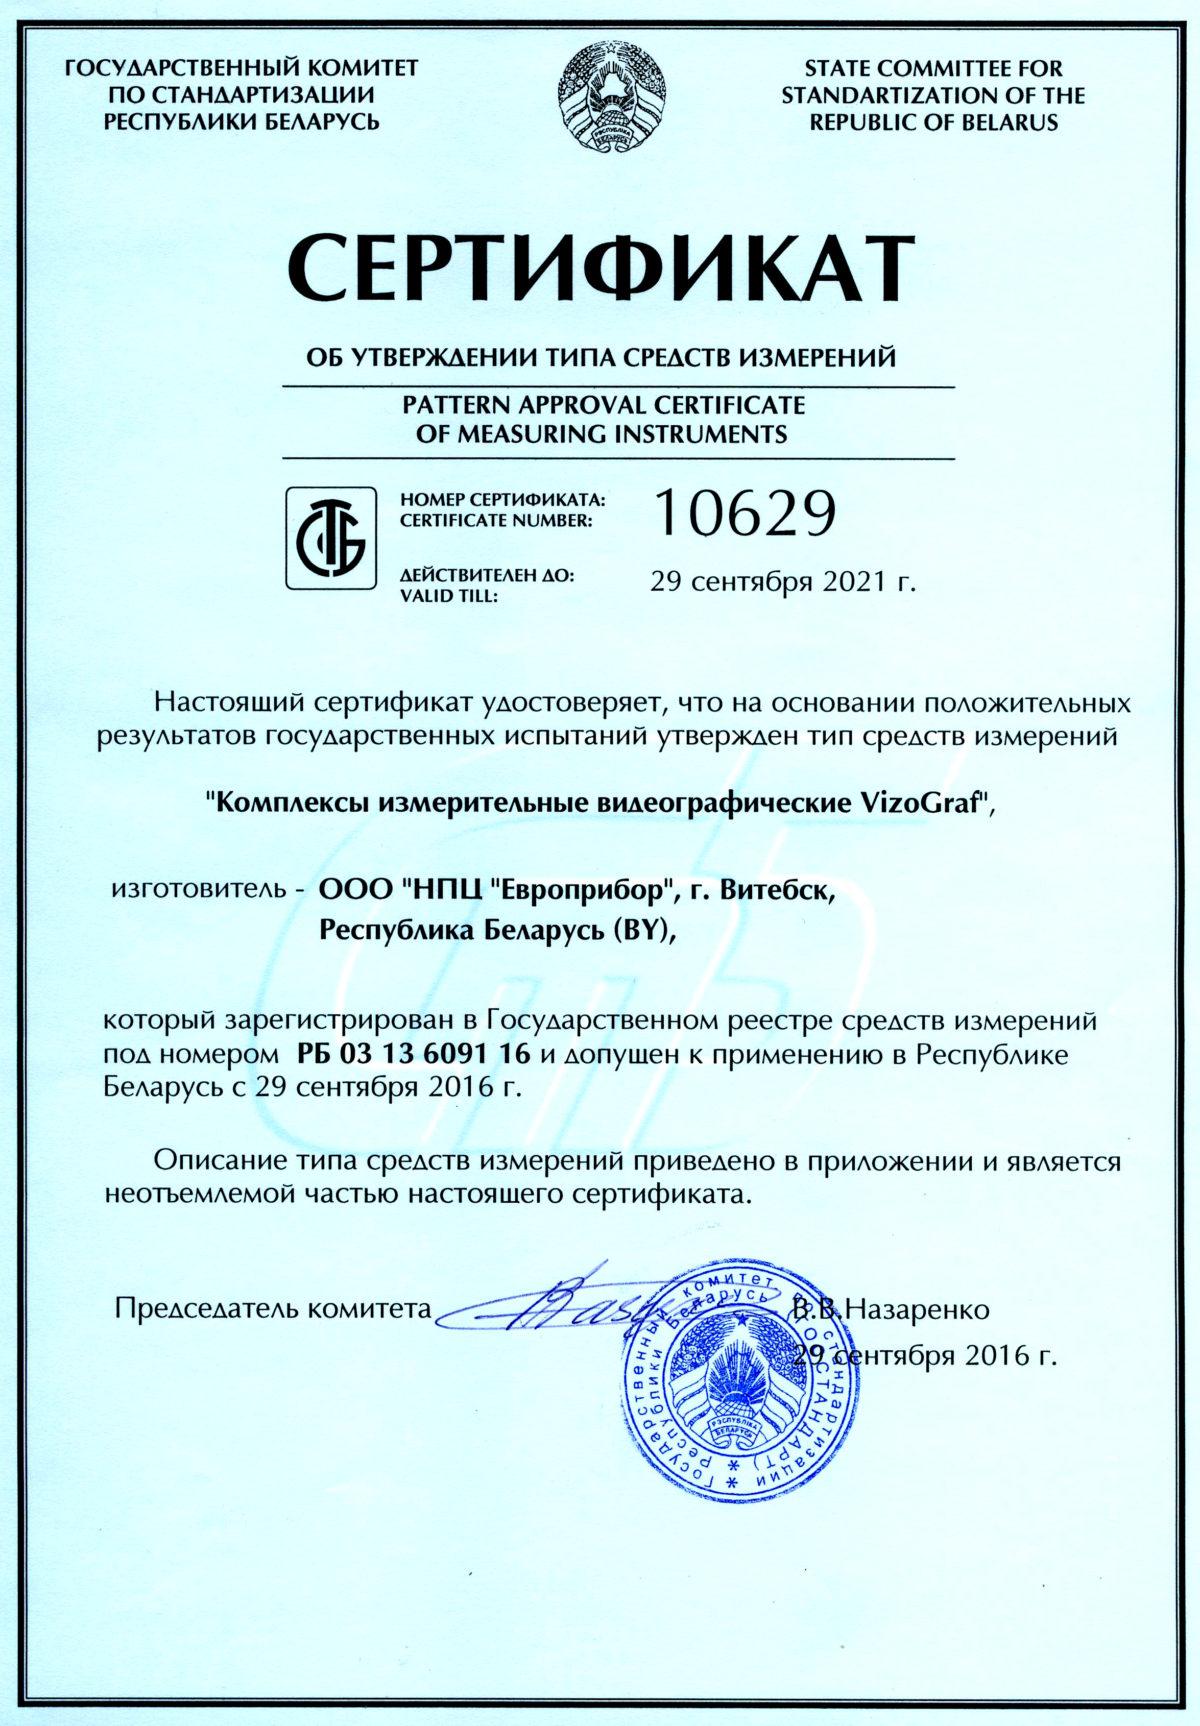 Сертификат средств измерения на VizoGraf